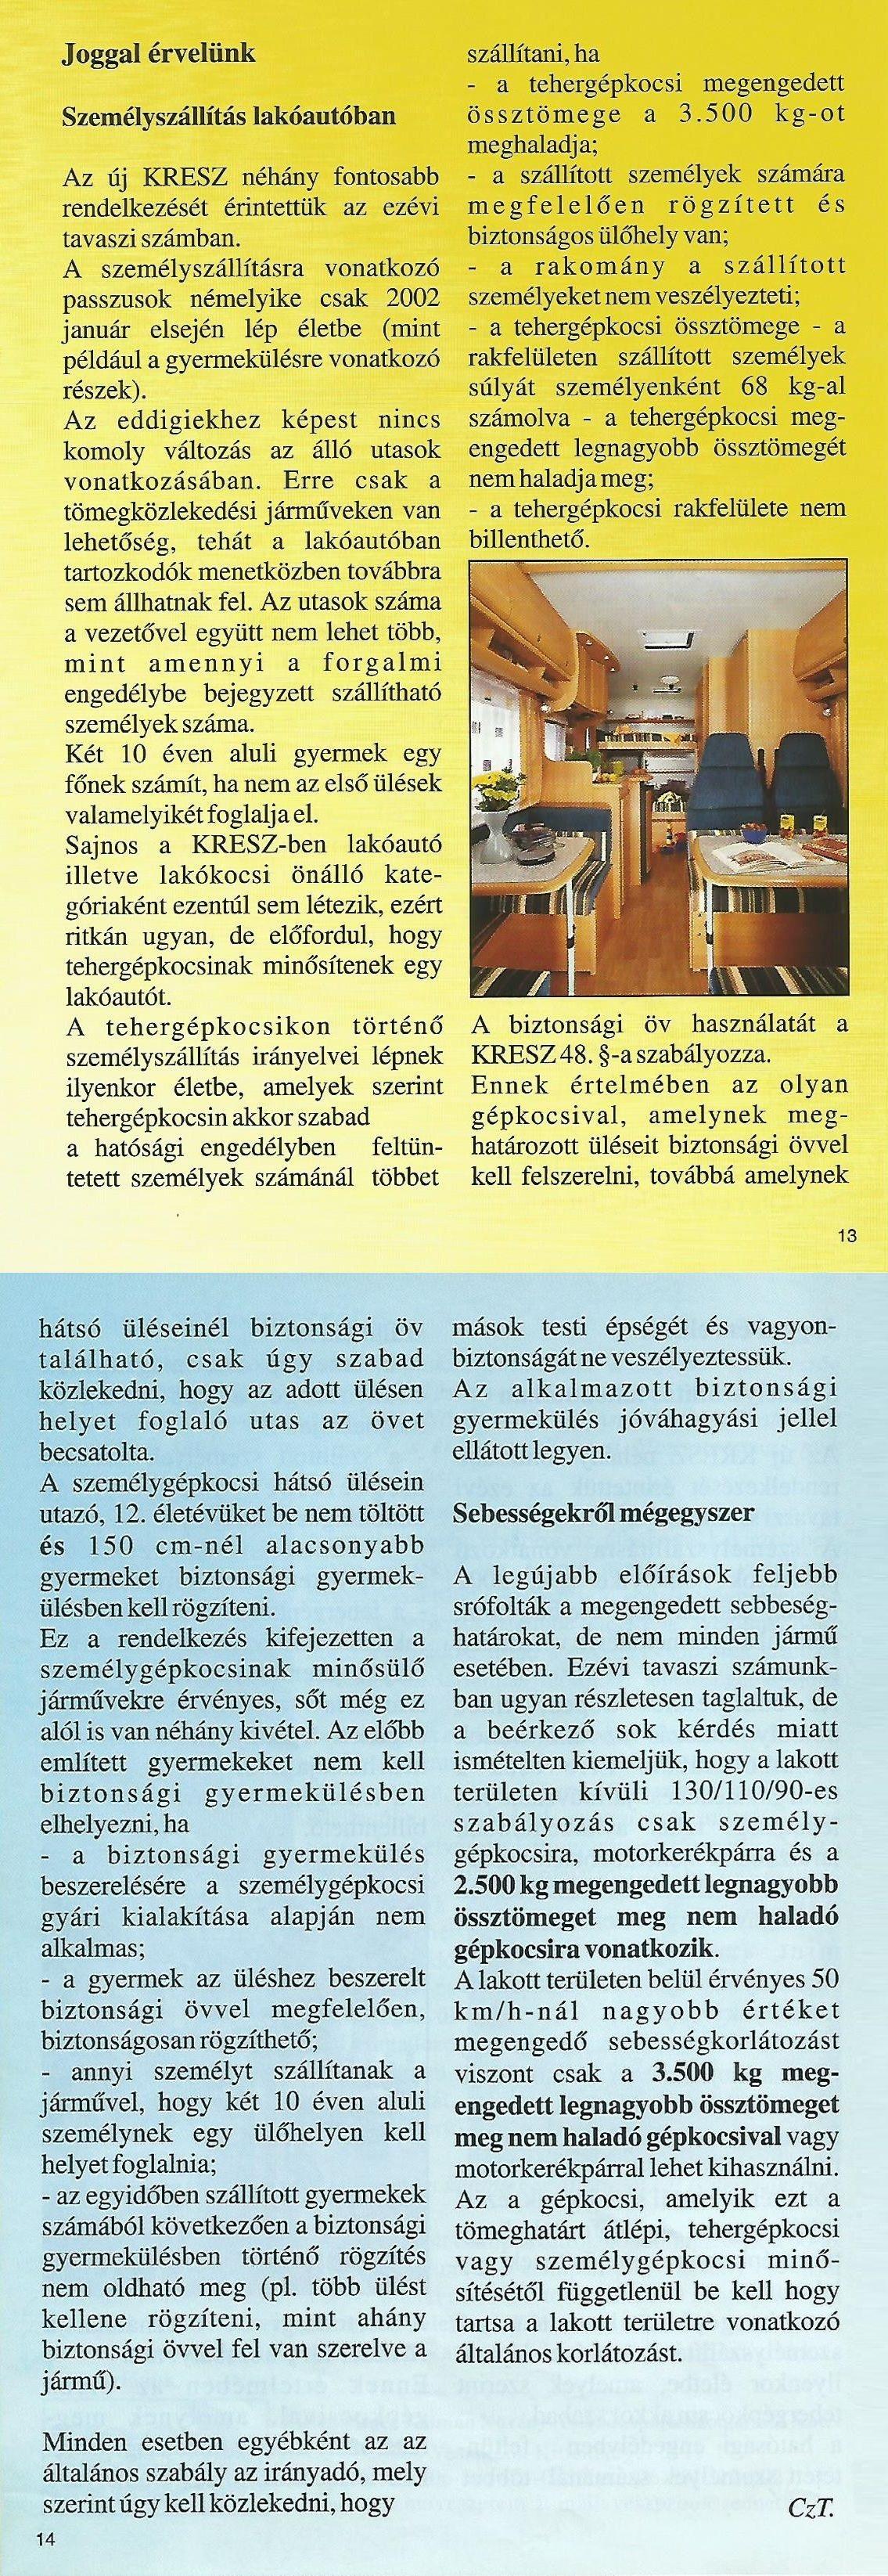 Karavándor magazin 2001. Nyár, Joggal érvelünk - Személyszállítás lakóautóban